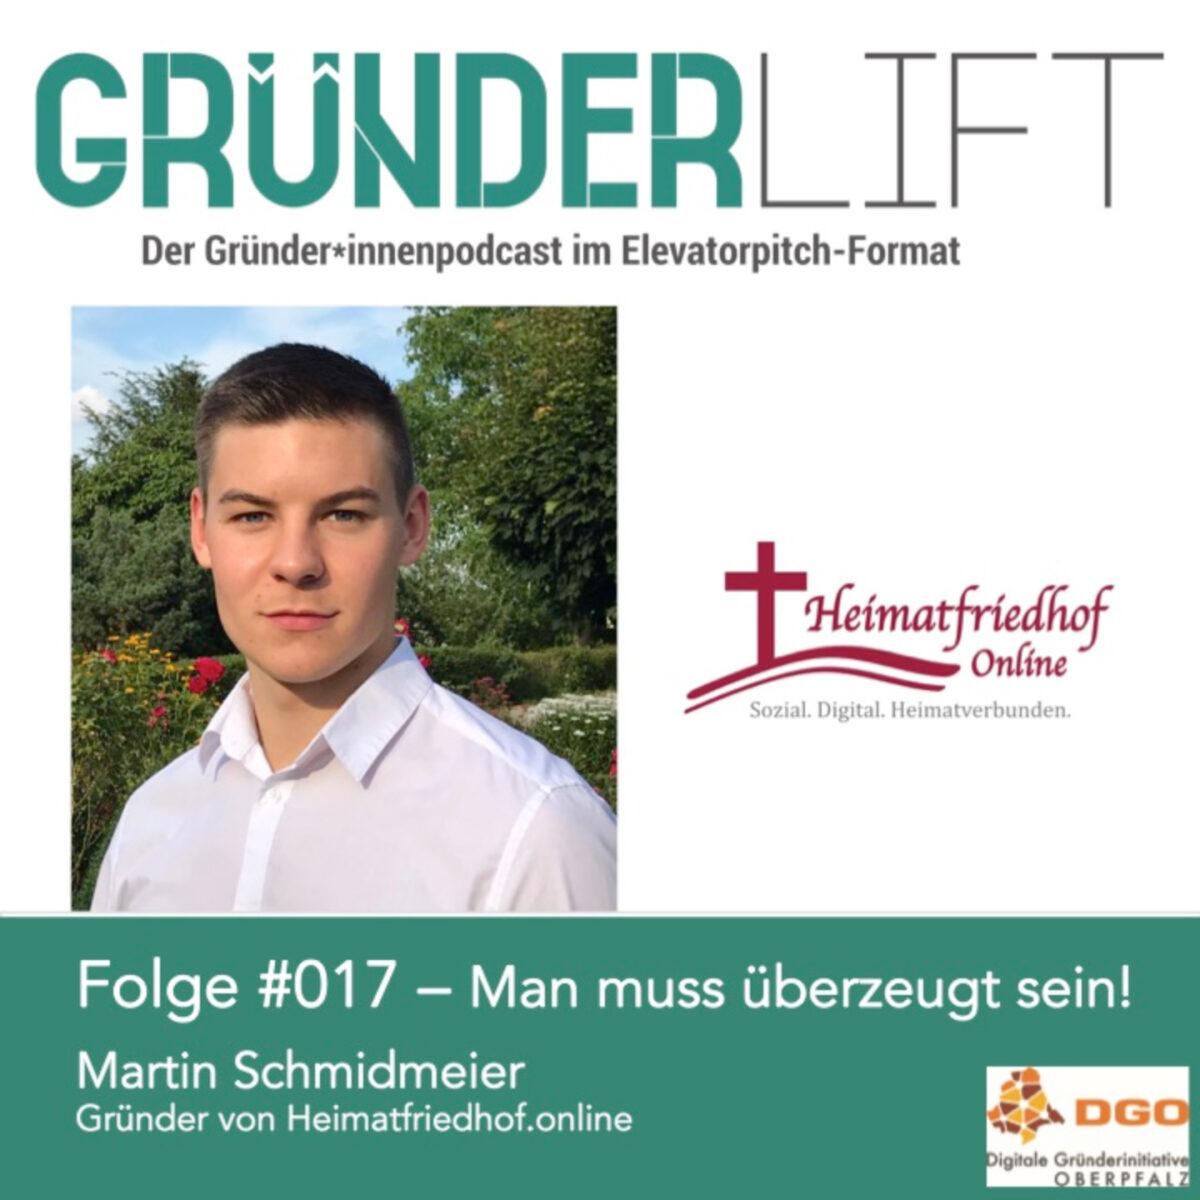 Martin Schmidmeier von Heimatfriedhof.online im Gespräch